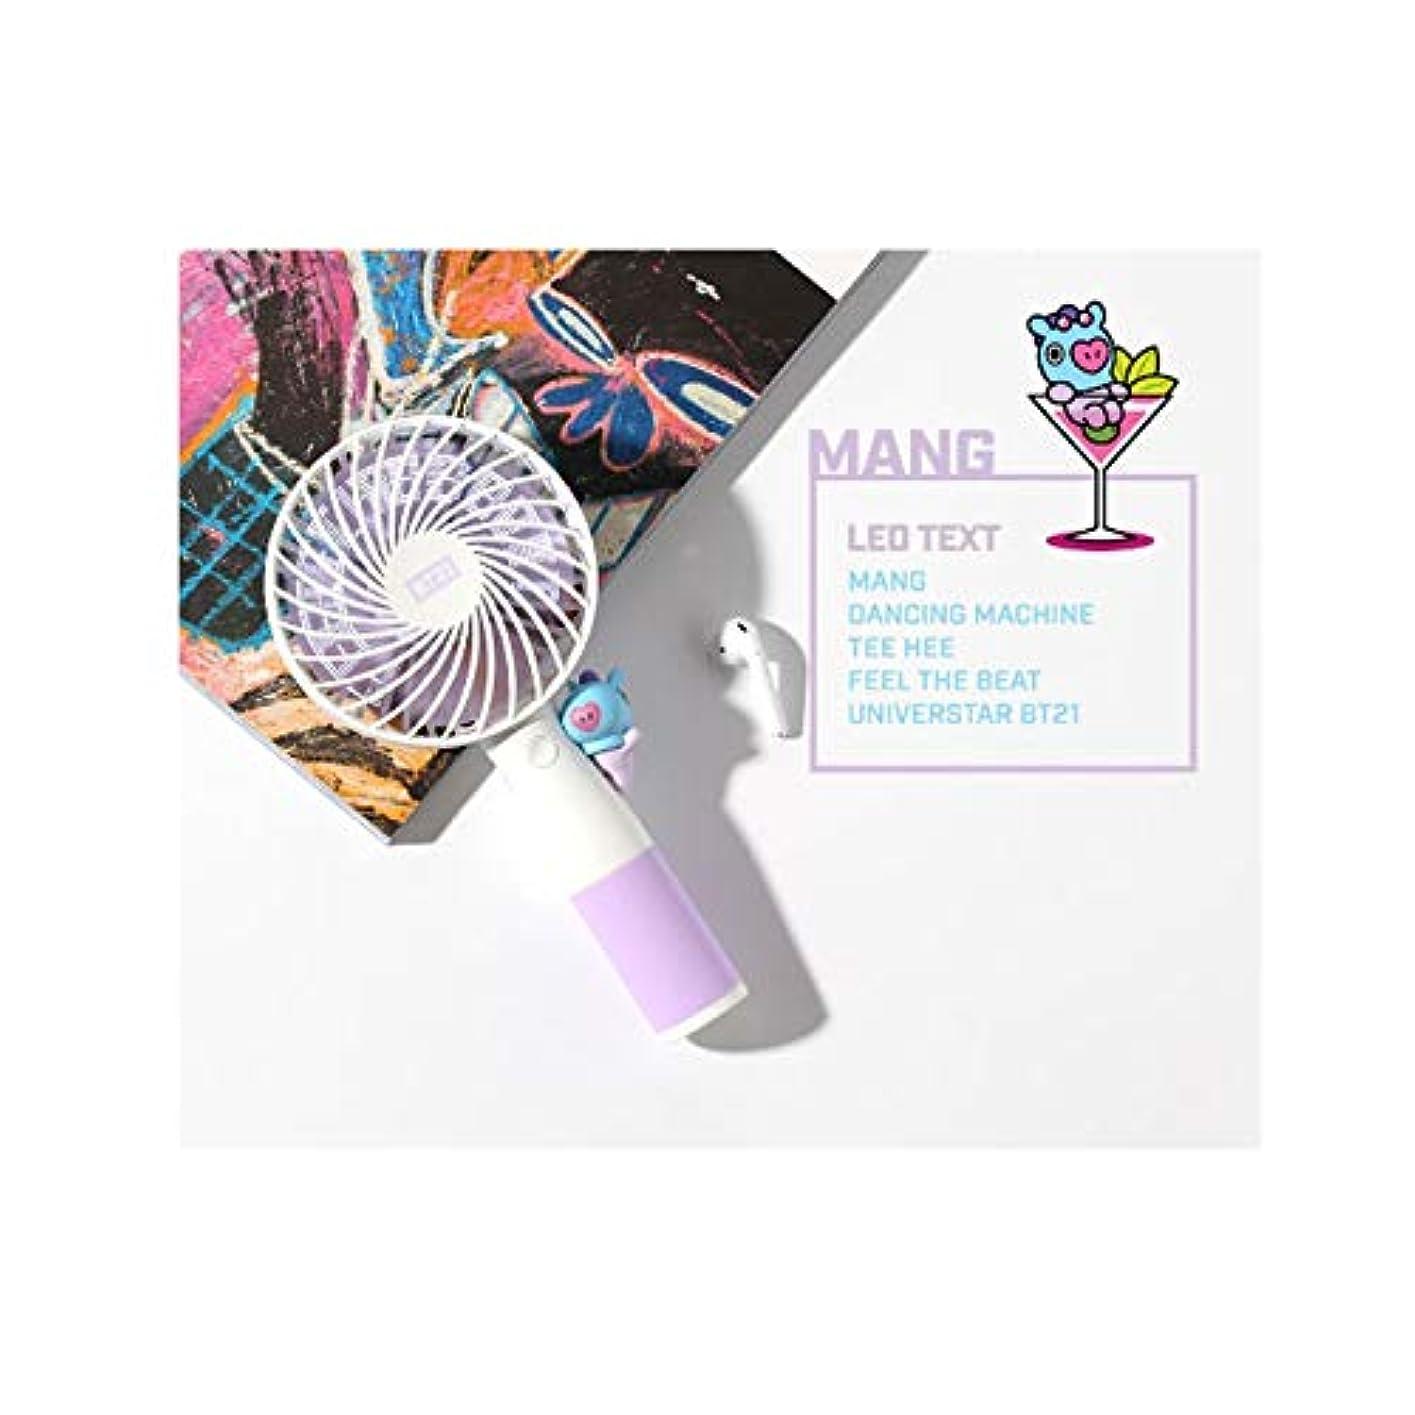 信頼できるセンチメンタル感嘆符公式BT21ハンディLED扇風機 携帯扇風機 2019 HANDYFAN7種 BTSグッズ 韓国語 (MANG)